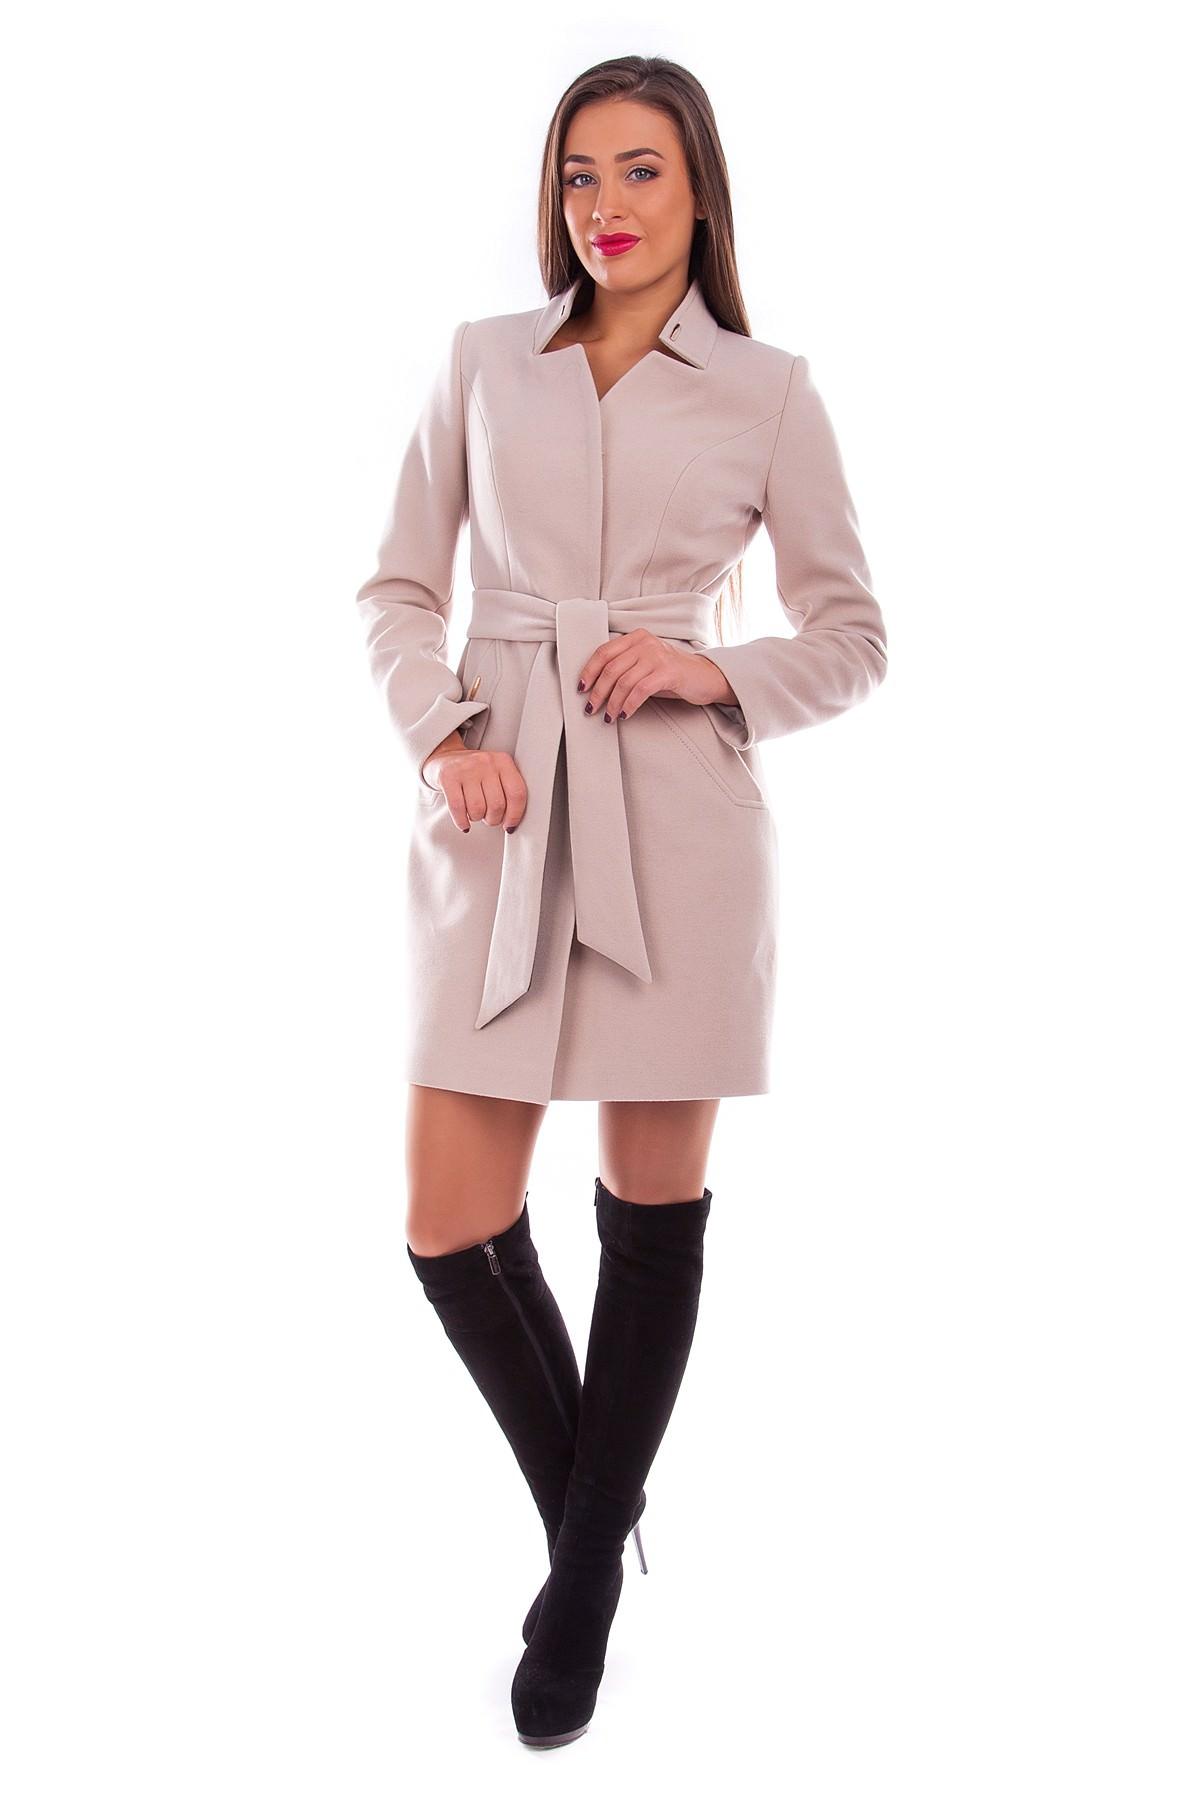 Женская Элегантная Одежда Доставка